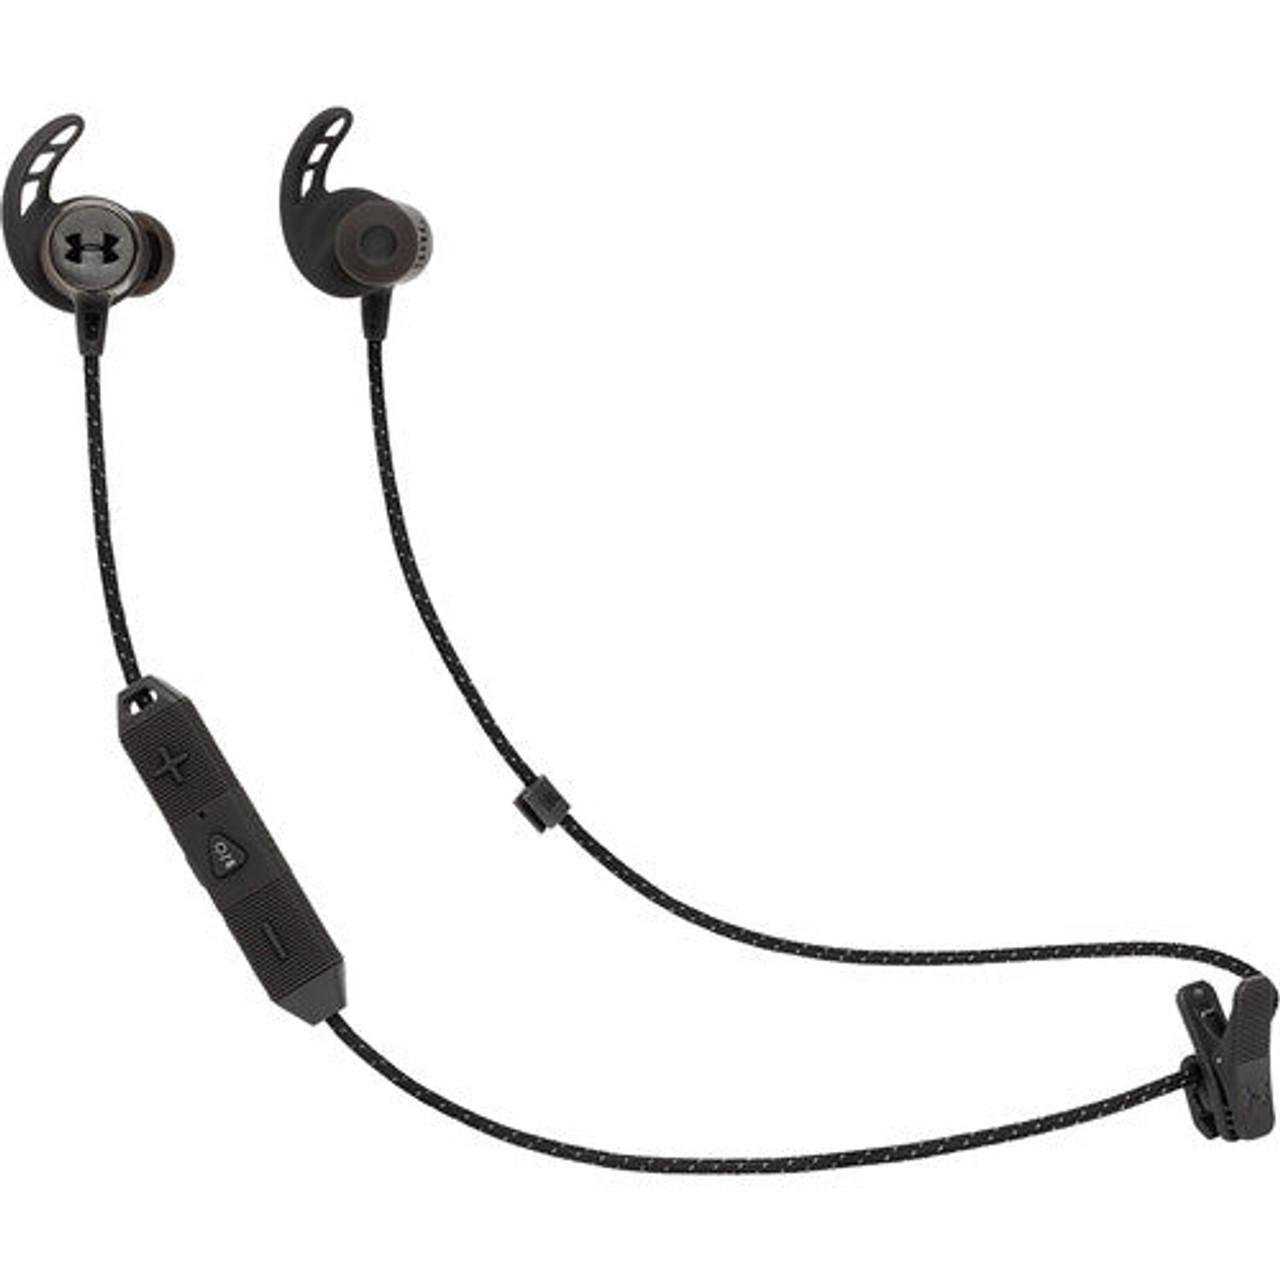 UnderArmor Blutooth Headphones by JBL  UAJBLREACTBLKAM-Z, Black - Certified Refurbished